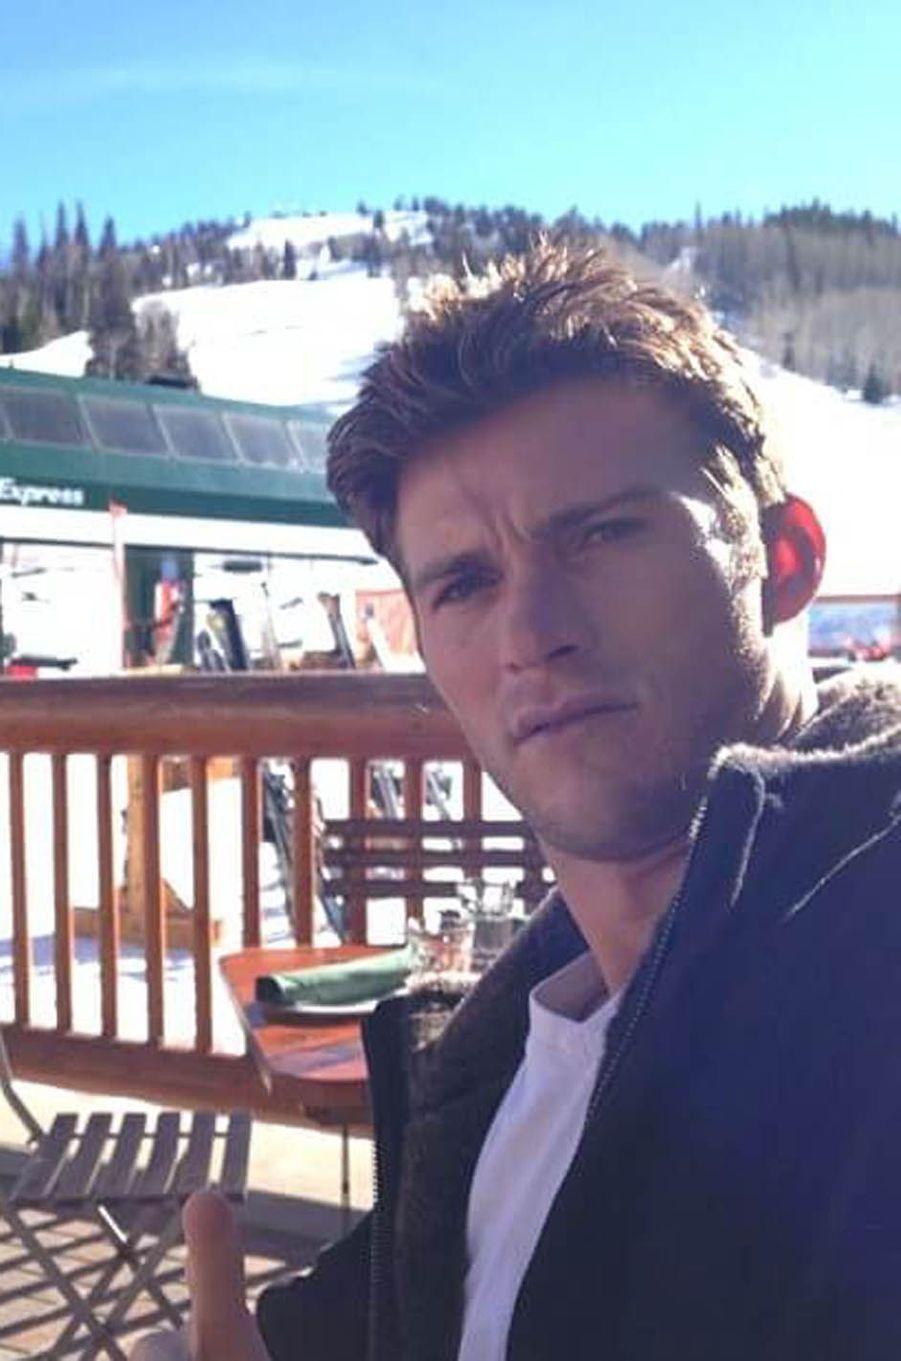 Scott Eastwood au ski, le 22 janvier 2014.